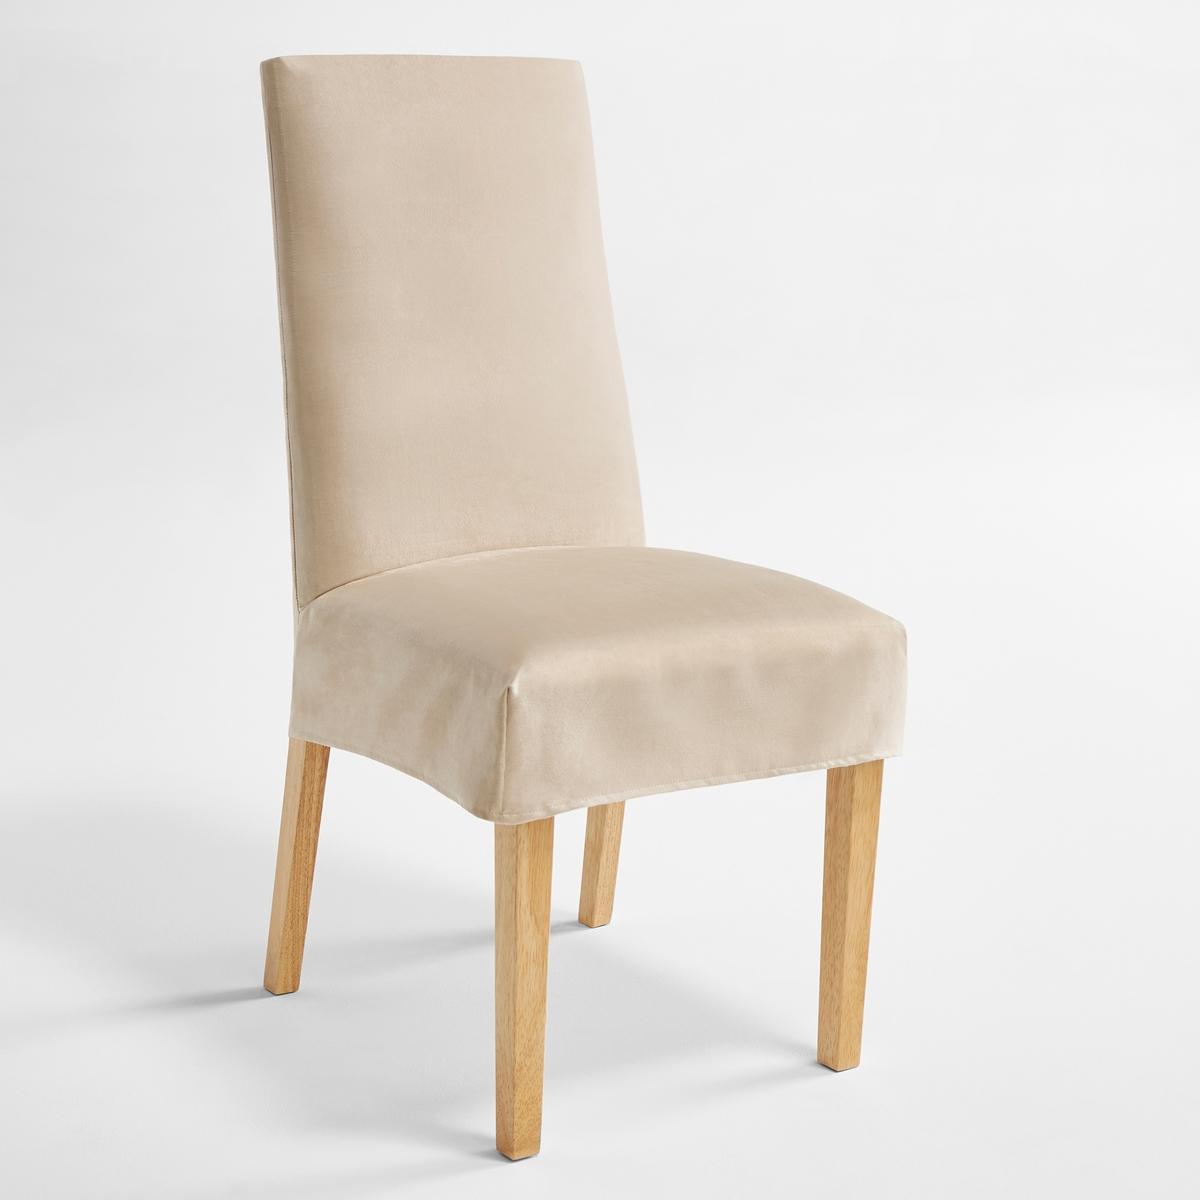 Чехол для стула из искусственной замши, KALAОписание:Чехол для стула из искусственной замши  KALA. Обновите Ваш интерьер! благодаря чехлу для стула из искусственной замши на ощупь из персиковой кожи!Характеристики чехла для стула KALA :-микрофибра из искусственной замши 100% полиэстерРазмеры чехла для стула из искусственной замши KALA :- Спинка : общая высота 55 см, толщина 5 см, ширина 35 см.- Сиденье : ширина 38 до 46 см x глубина 40 см.высота 45 см : 10 см.Рекомендации по уходу :Машинная стирка при 30°C<br><br>Цвет: бежевый,серый